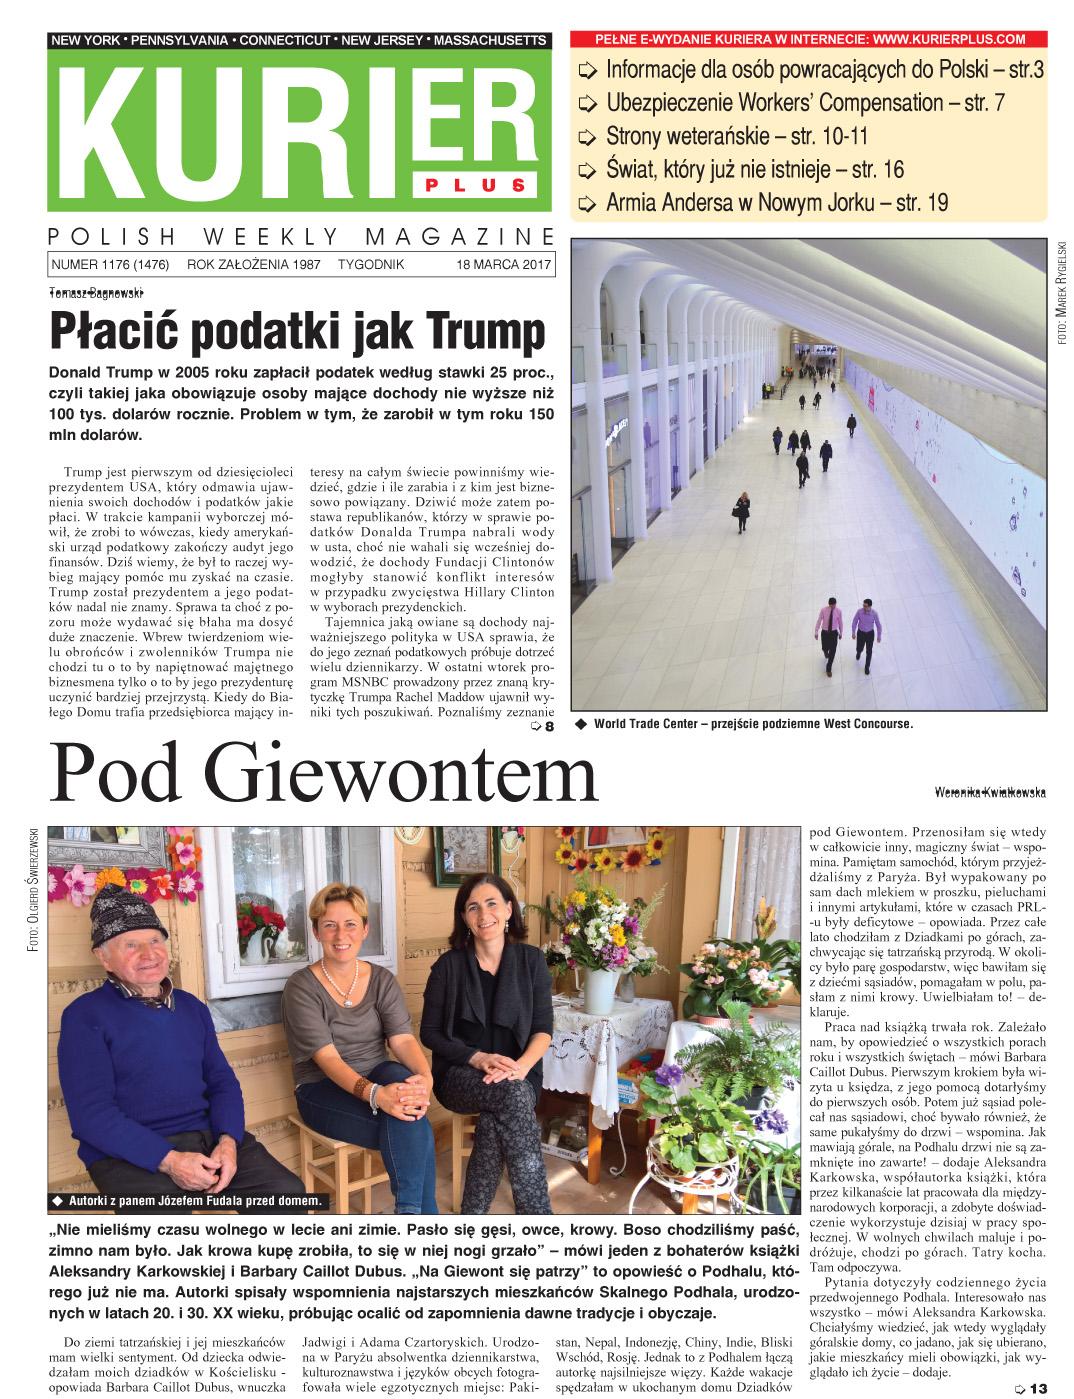 Kurier Plus e-wydanie 18 marca 2017